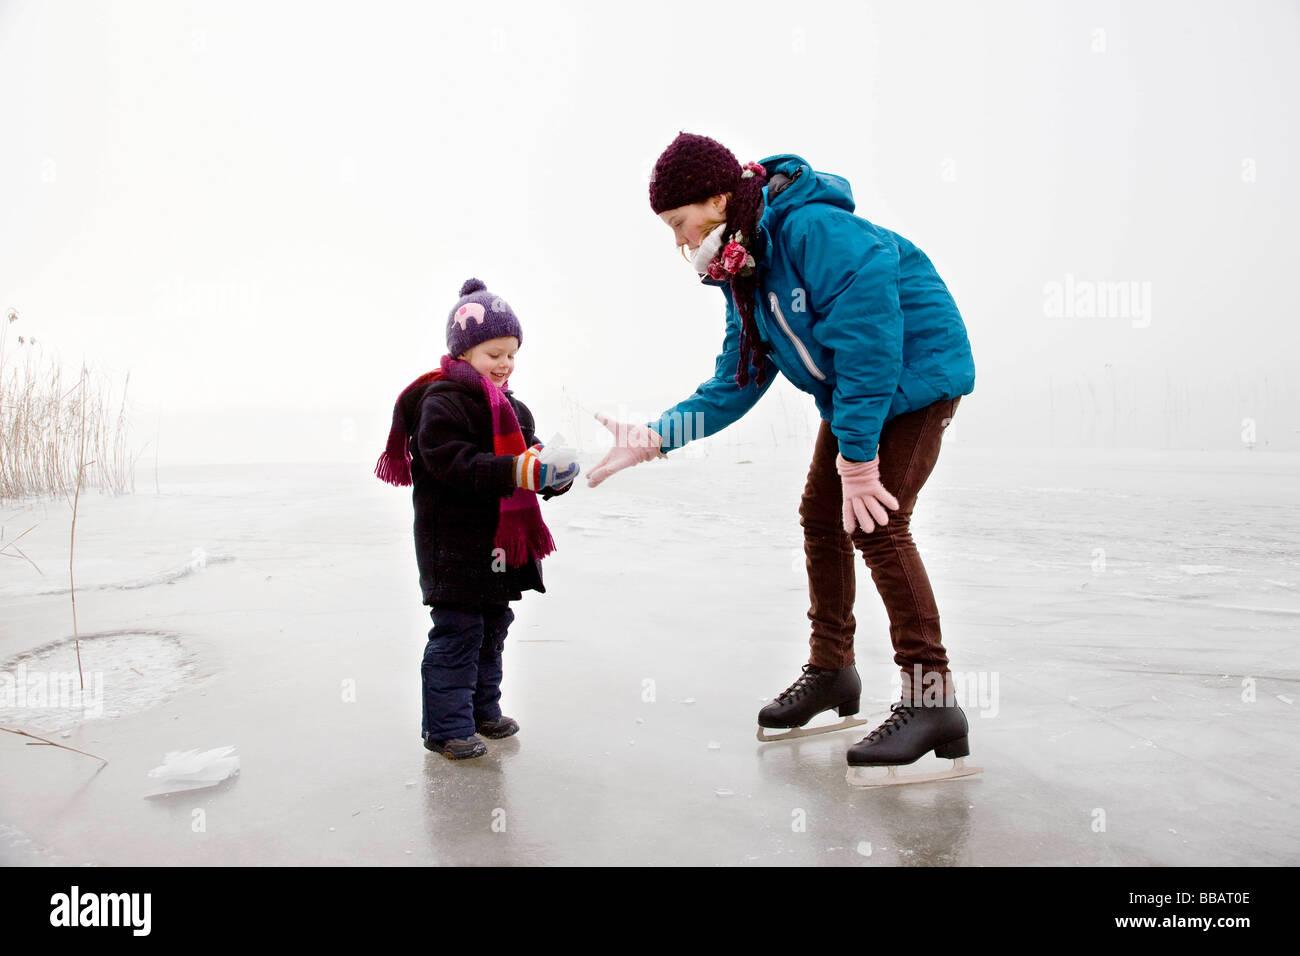 Mädchen und jungen Eislaufen am zugefrorenen See Stockbild